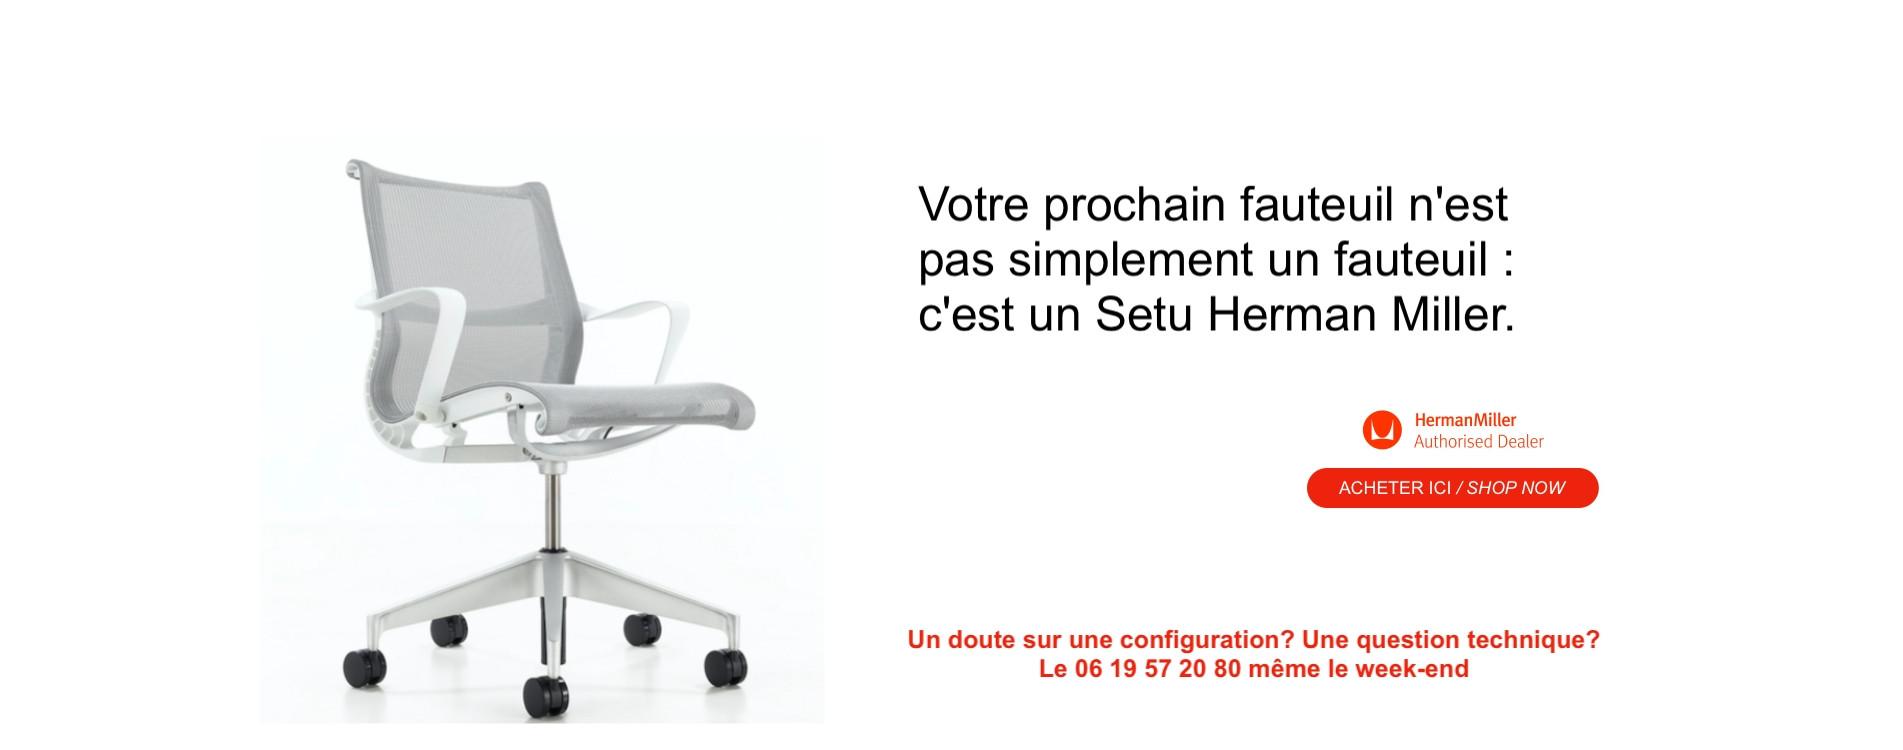 Votre prochain fauteuil est un Setu Herman Millerr